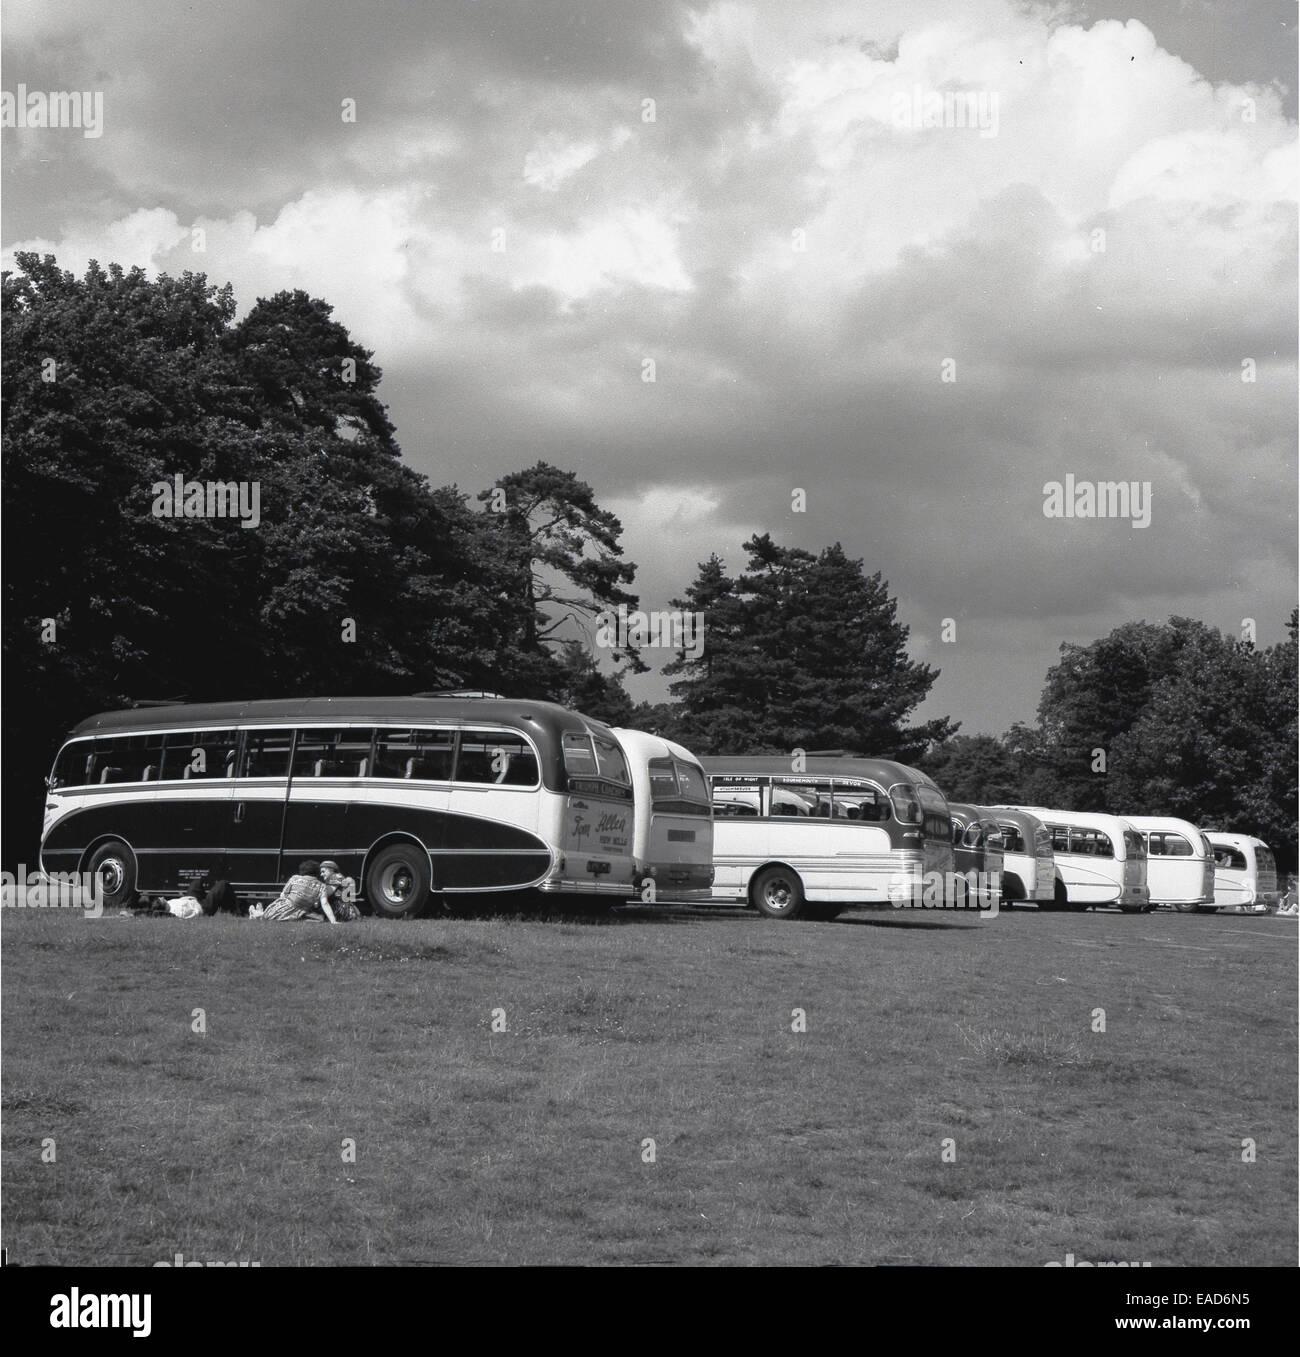 Histórico. 1950s, la línea de autocares de turismo en un campo. Imagen De Stock